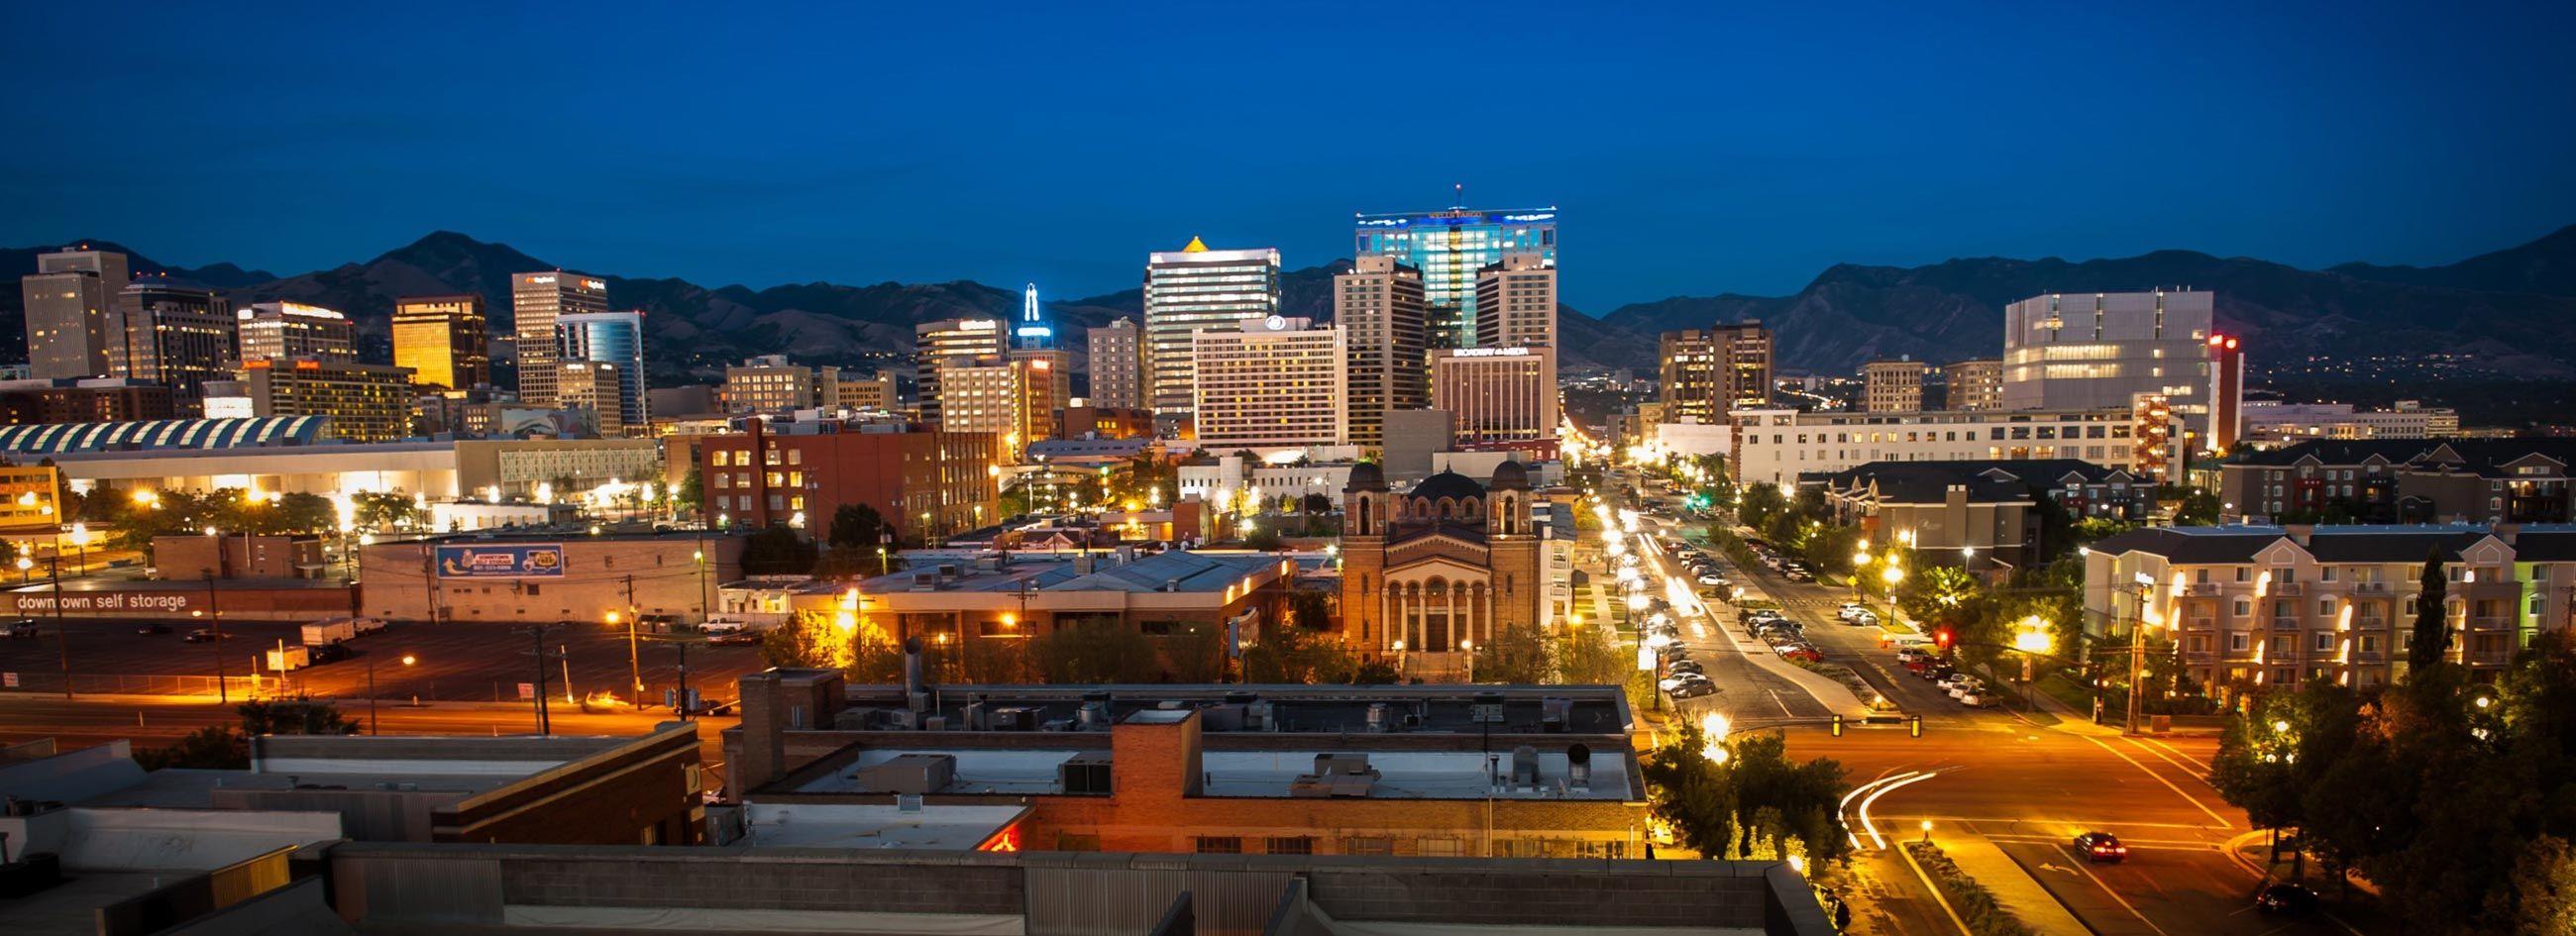 Images Of Salt Lake City Utah